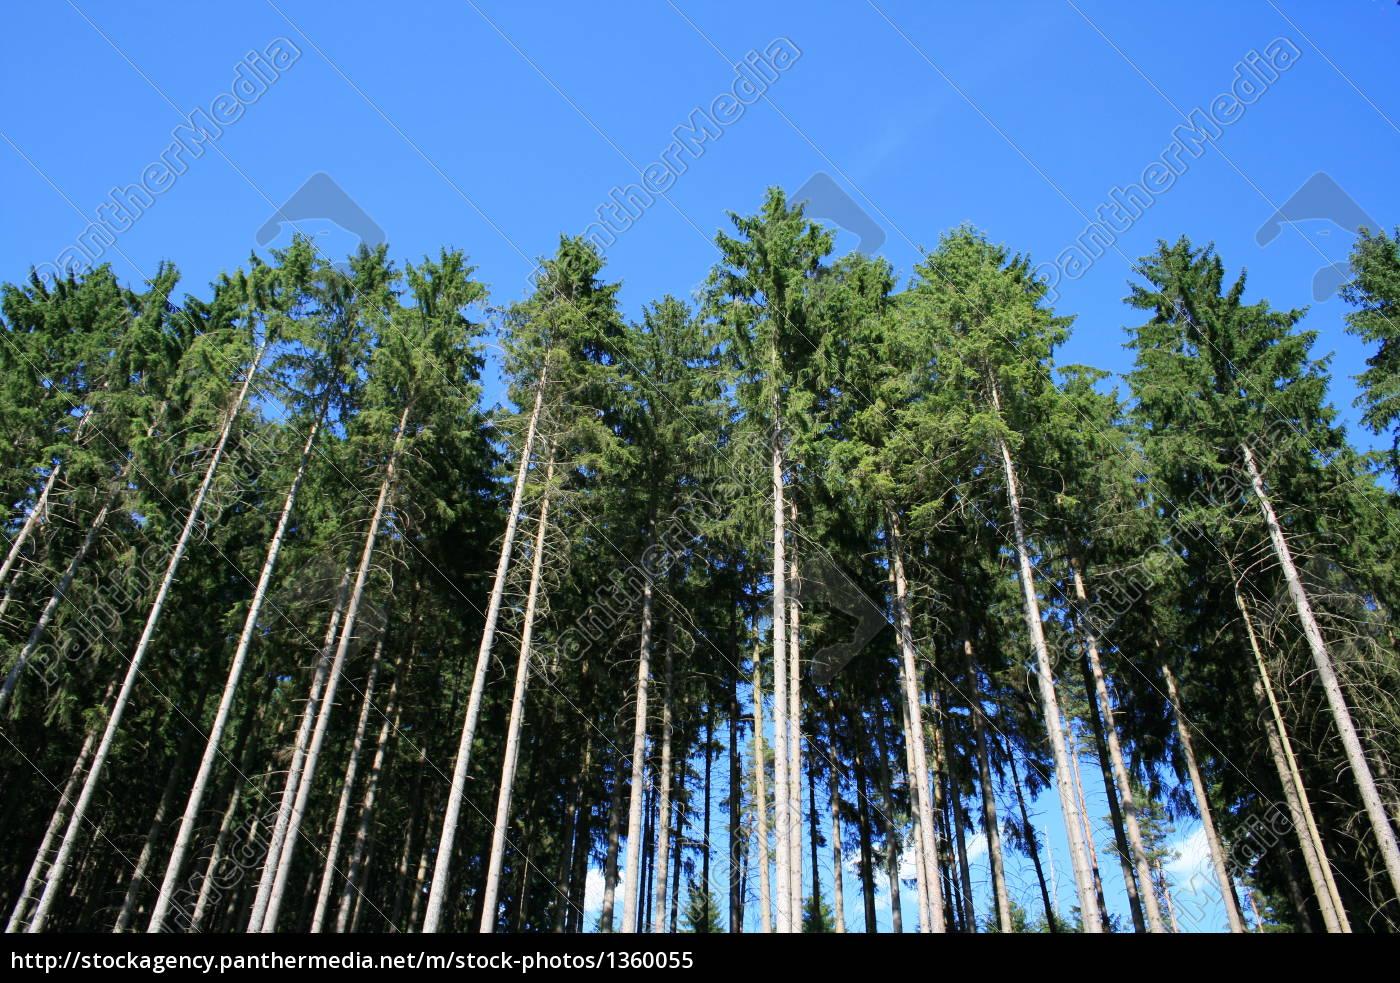 coniferous, forest - 1360055